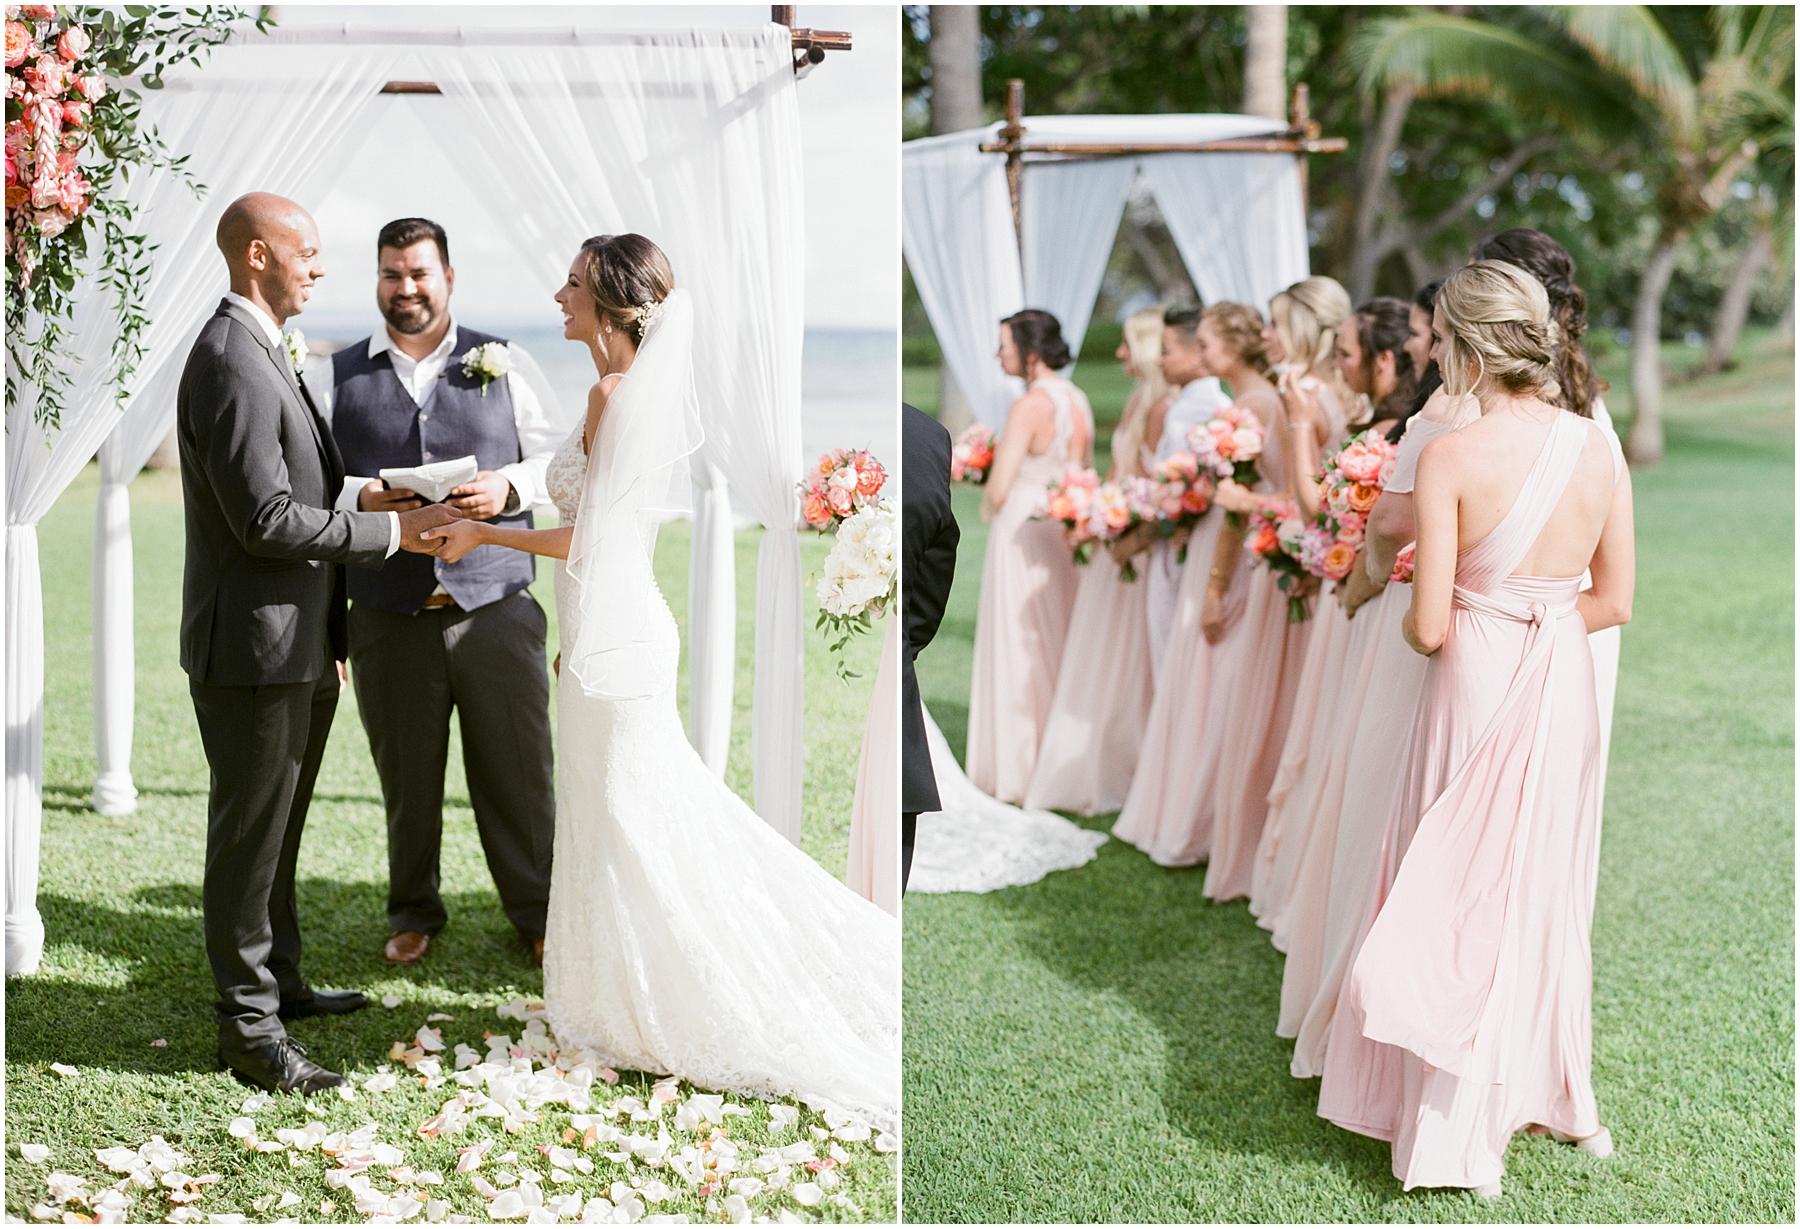 Olowalu-plantation-house-maui-hawaii-wedding-150.jpg